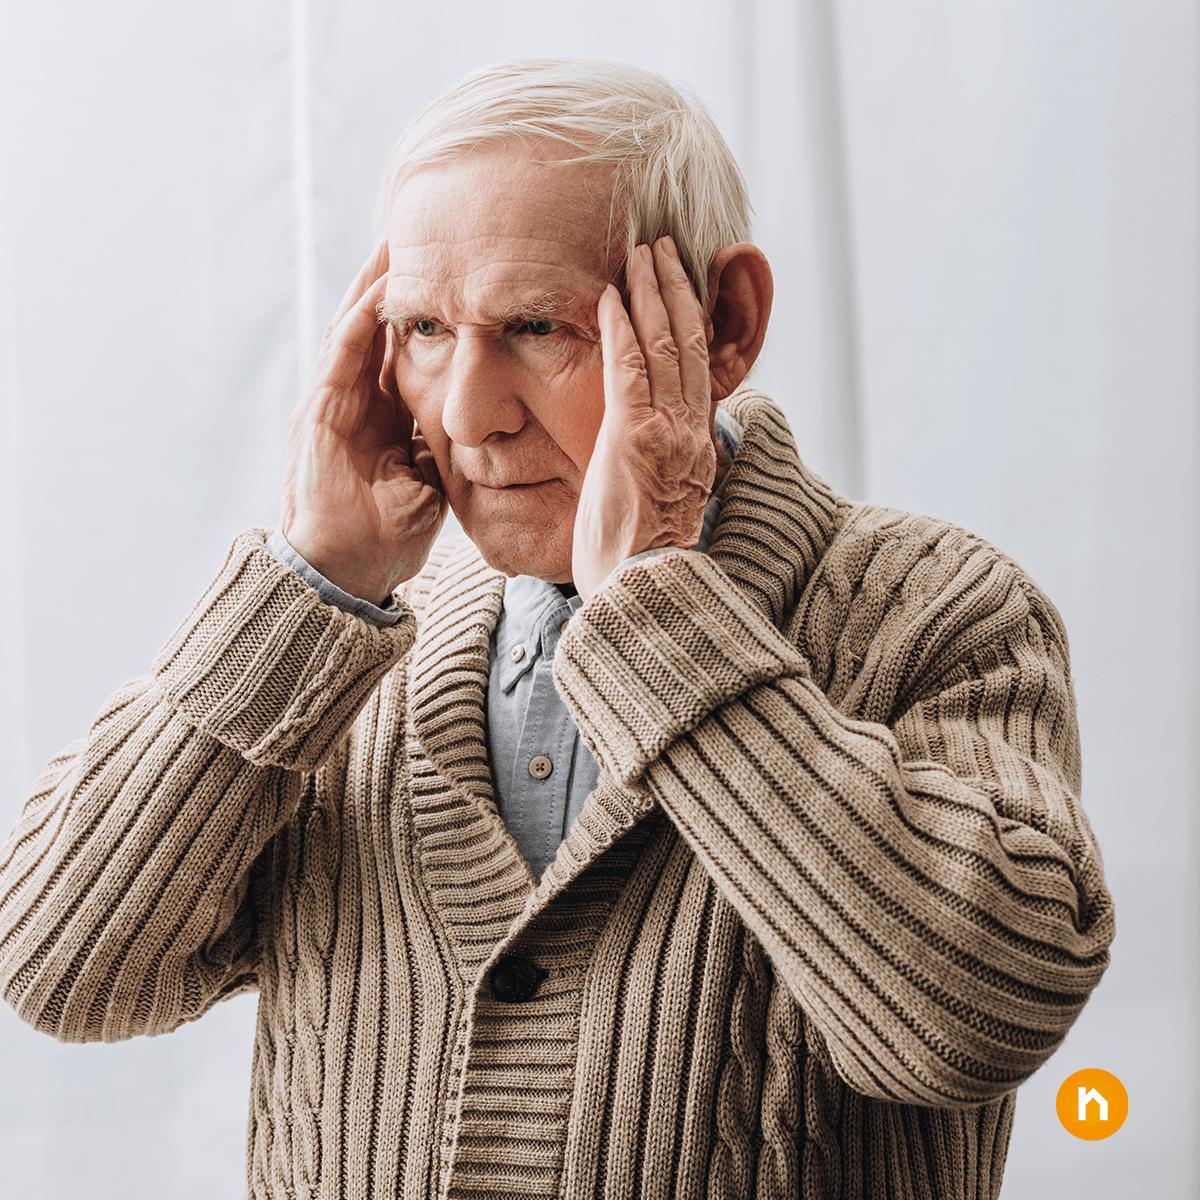 Schreckgespenst Demenz: Prävention allenfalls in finanzieller Hinsicht möglich